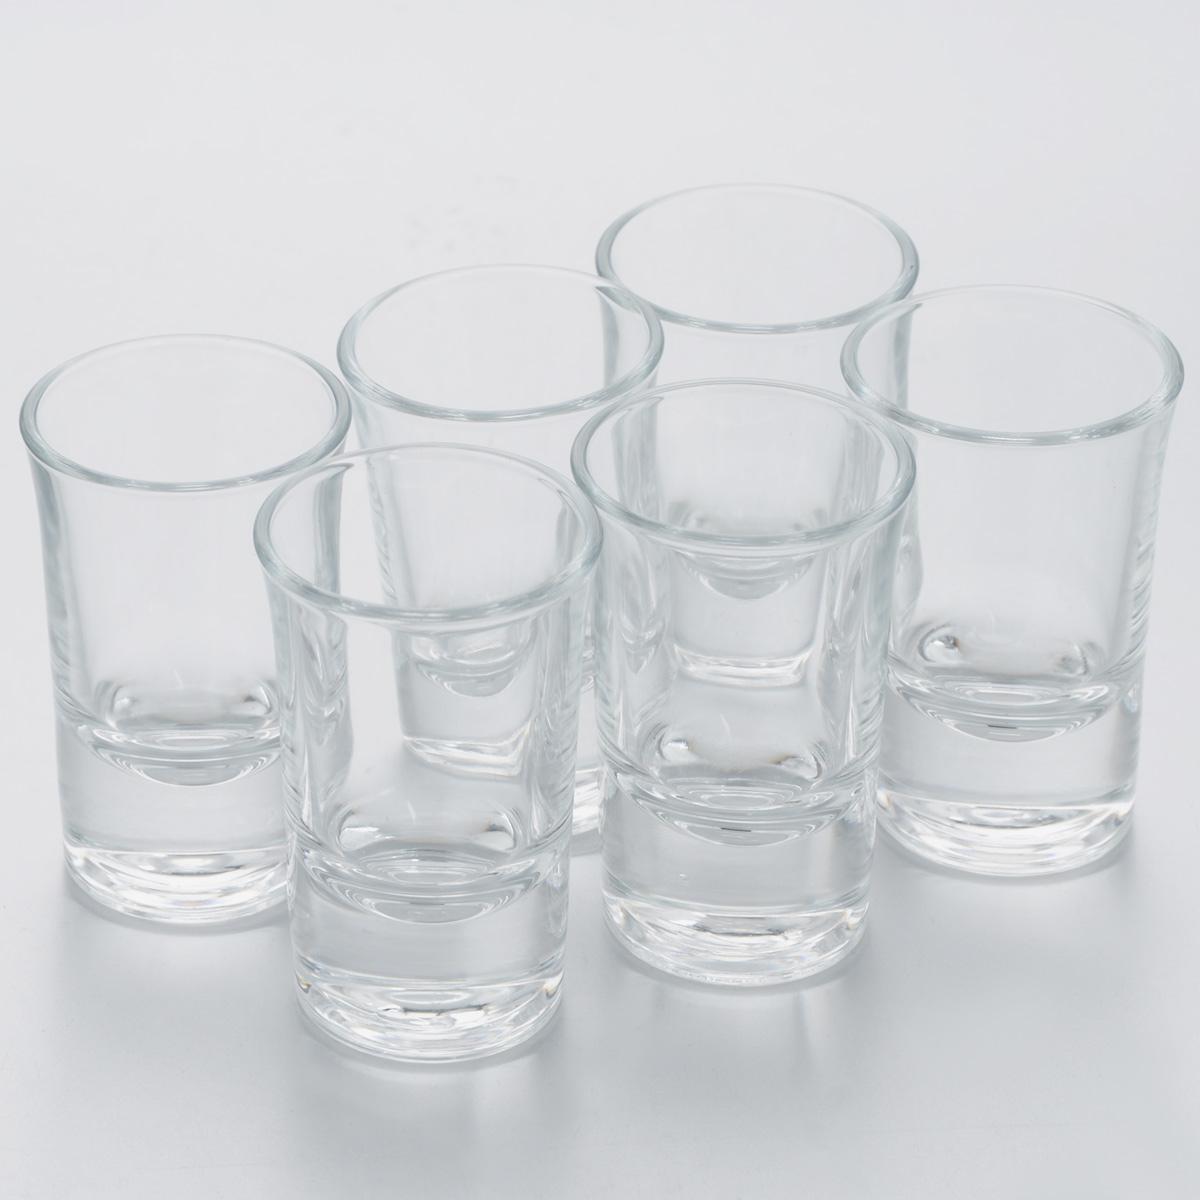 Набор стопок Pasabahce Boston Shots, 40 мл, 6 штVT-1520(SR)Набор Pasabahce Boston Shots, выполненный из прочного натрий-кальций-силикатного стекла, состоит из шести стопок. Стопки, оснащенные утолщенным дном, прекрасно подойдут для подачи водки или ликера. Эстетичность, функциональность и изящный дизайн сделают набор достойным дополнением к вашему кухонному инвентарю. Набор стопок Pasabahce Boston Shots украсит ваш стол и станет отличным подарком к любому празднику. Можно использовать в микроволновой печи и мыть в посудомоечной машине.Диаметр стопки по верхнему краю: 4 см. Высота стопки: 7 см.